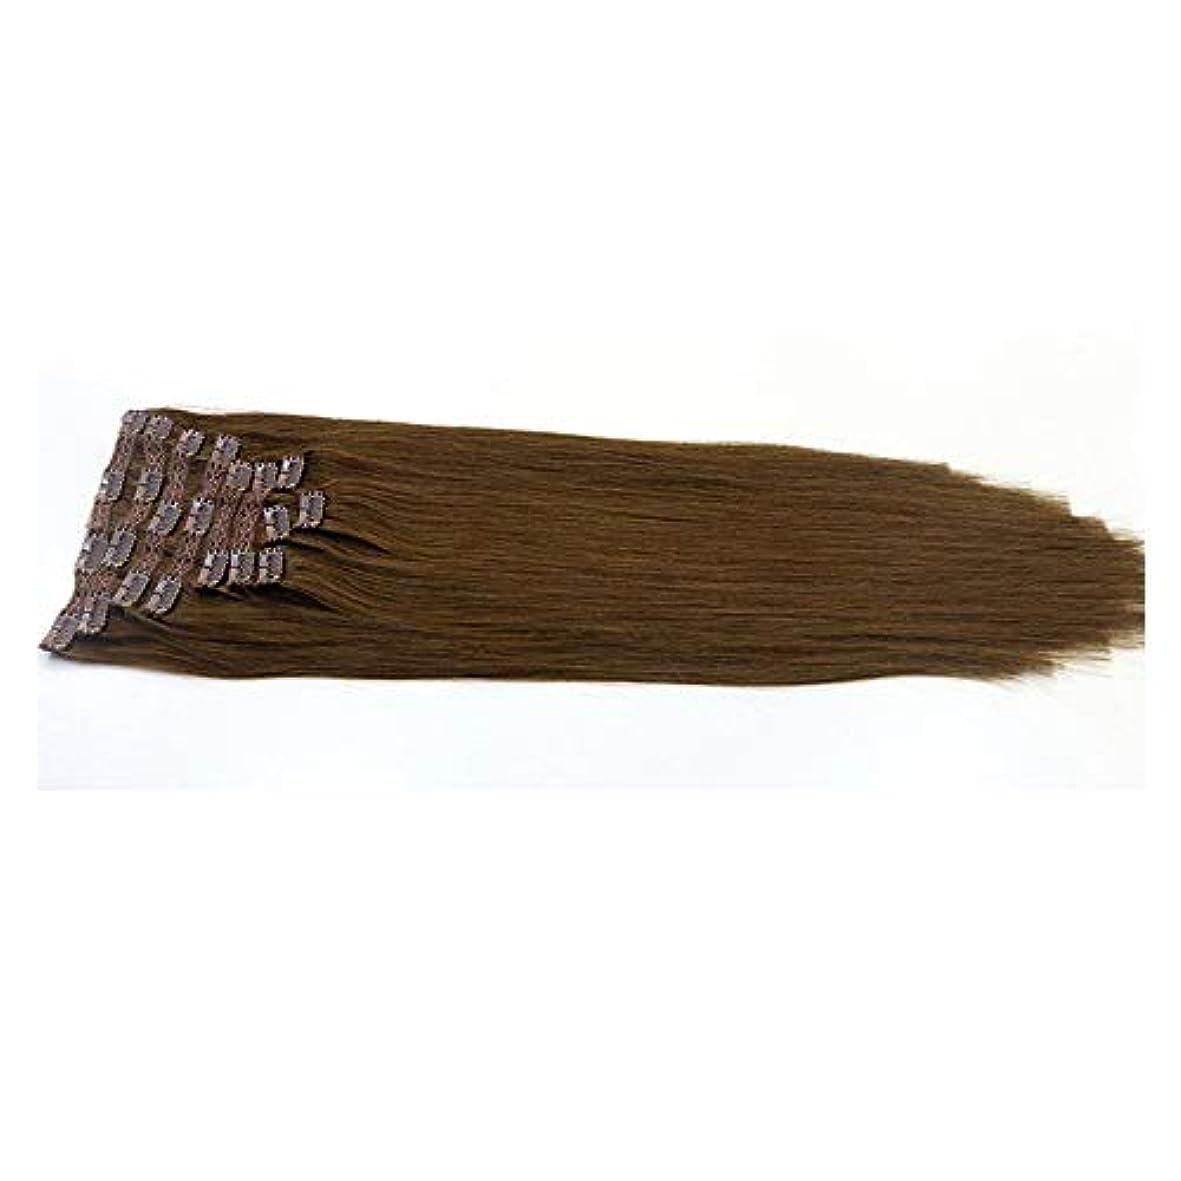 謝罪する利得冬JULYTER ブラジルのヘアエクステンションクリップ人間の髪の毛のワンピース3/4フルヘッドレミー生物学的連続横糸 (色 : ブラウン, サイズ : 22 inch)